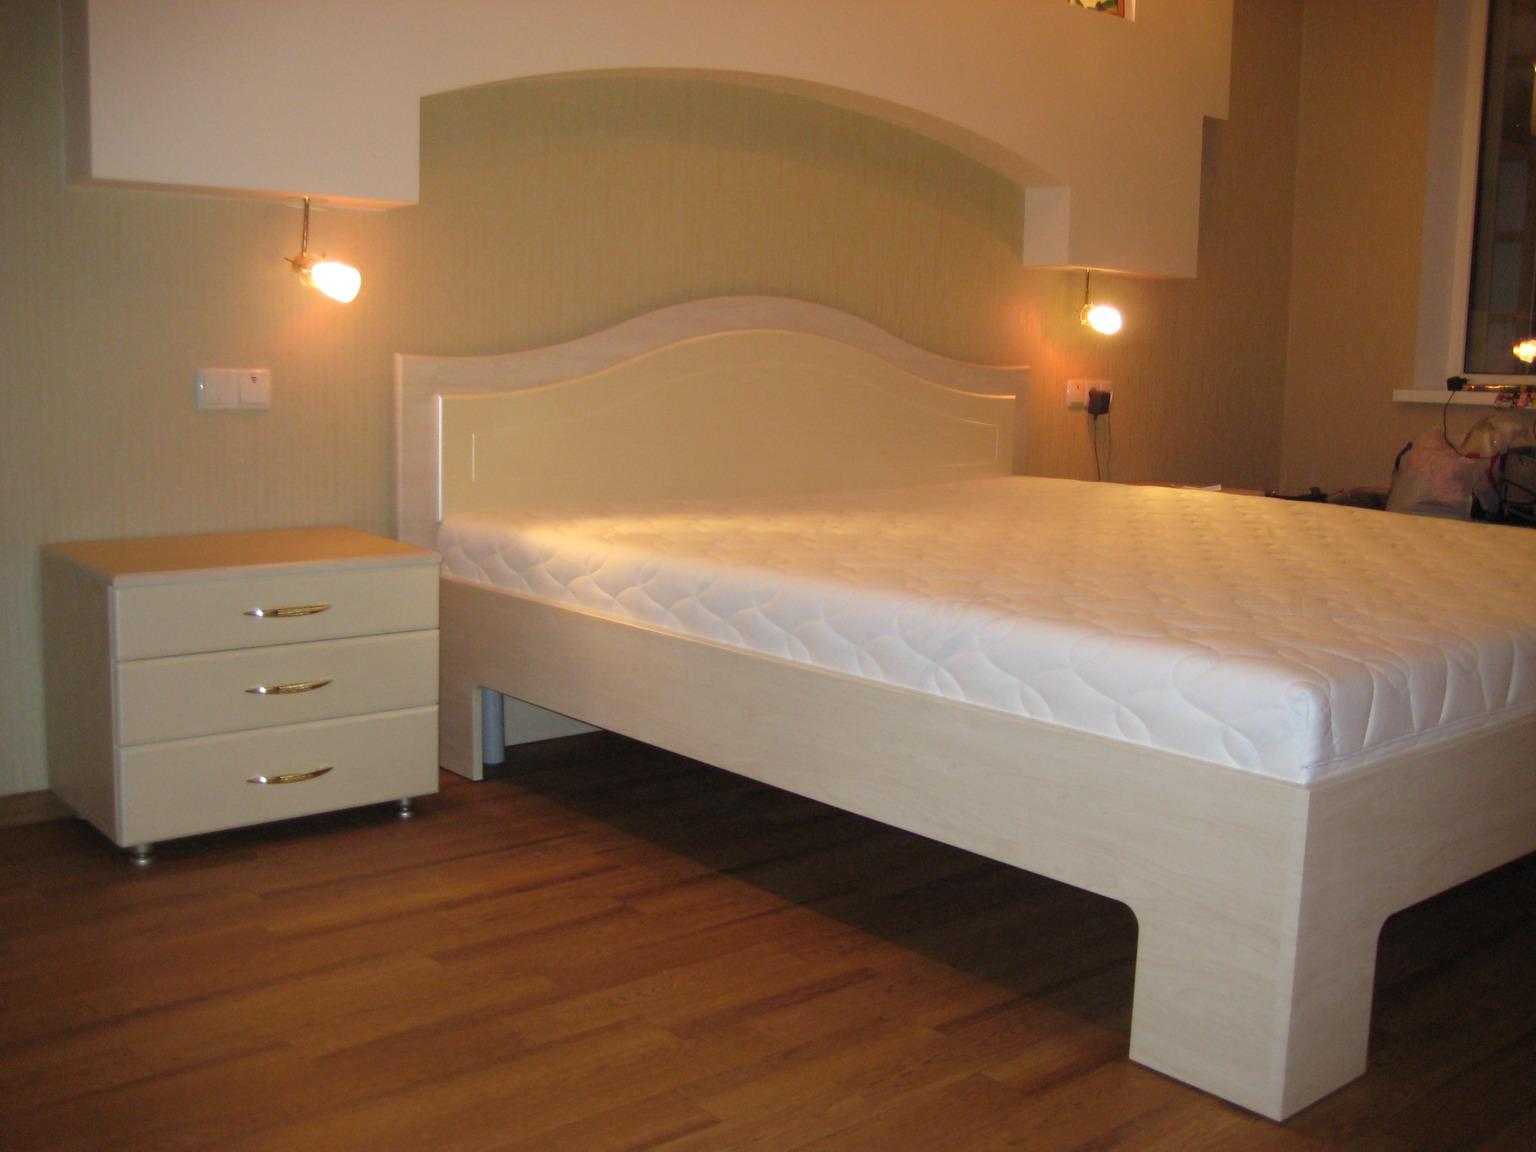 Мебель для спальни на заказ в минске. изготовление мебели дл.